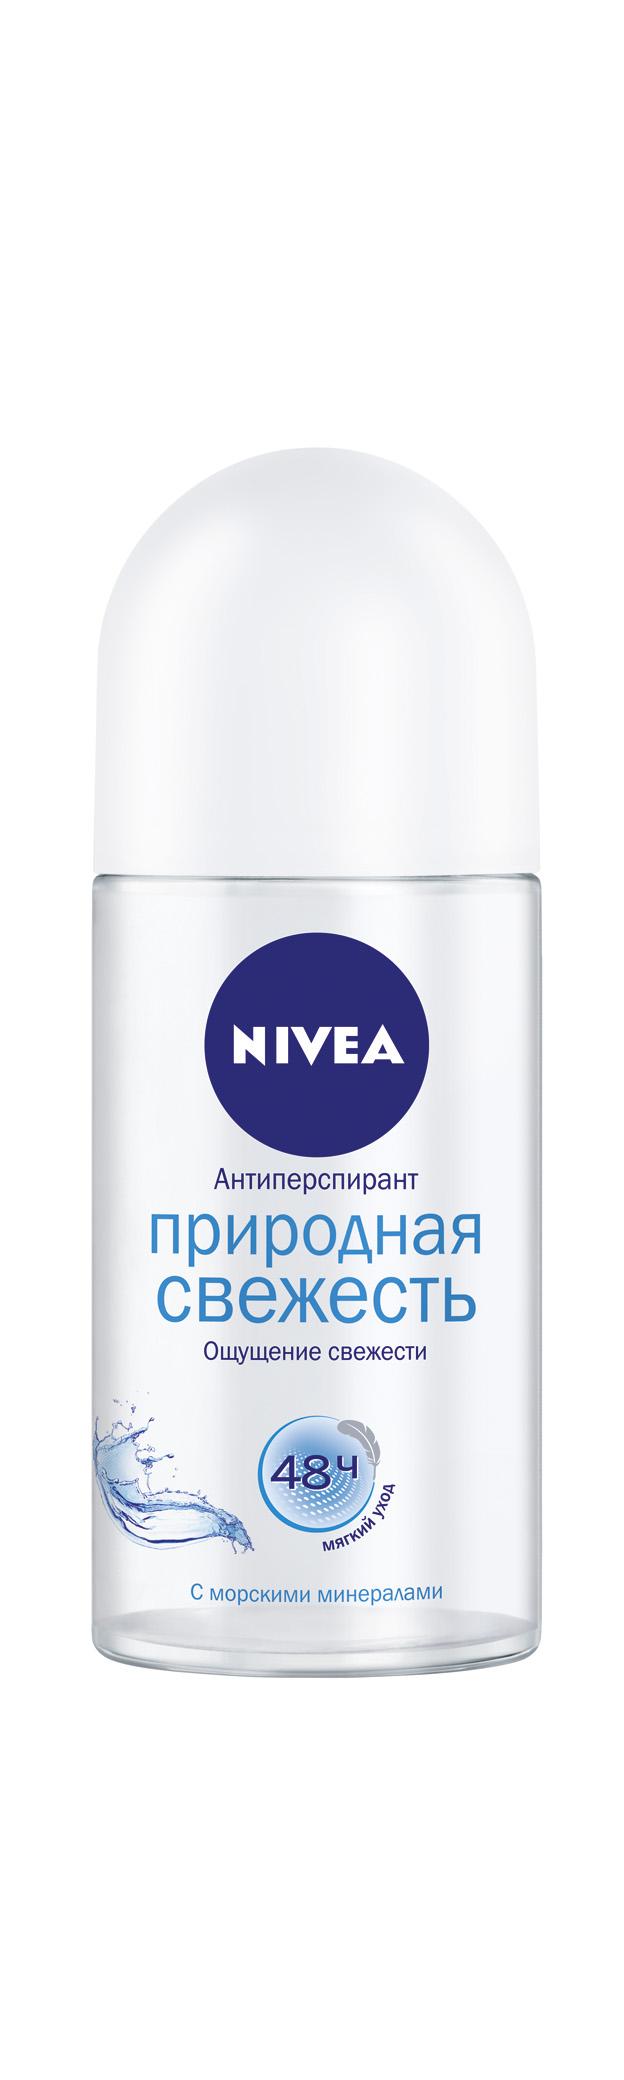 NIVEA Антиперспирант шарик Природная свежесть 50мл10043480Дезодорант-антиперспирант для женщин Природная свежесть от NIVEA обеспечивает надежную защиту от пота и запаха, дарит круглосуточное ощущение свежести. В его состав входят натуральные морские минералы, что обеспечивает приятное ощущение свежести в течение 48 часов. Он приятно освежает и дарит легкость движения и общения. обладает свежим ароматом дерматологически протестировано Товар сертифицирован.